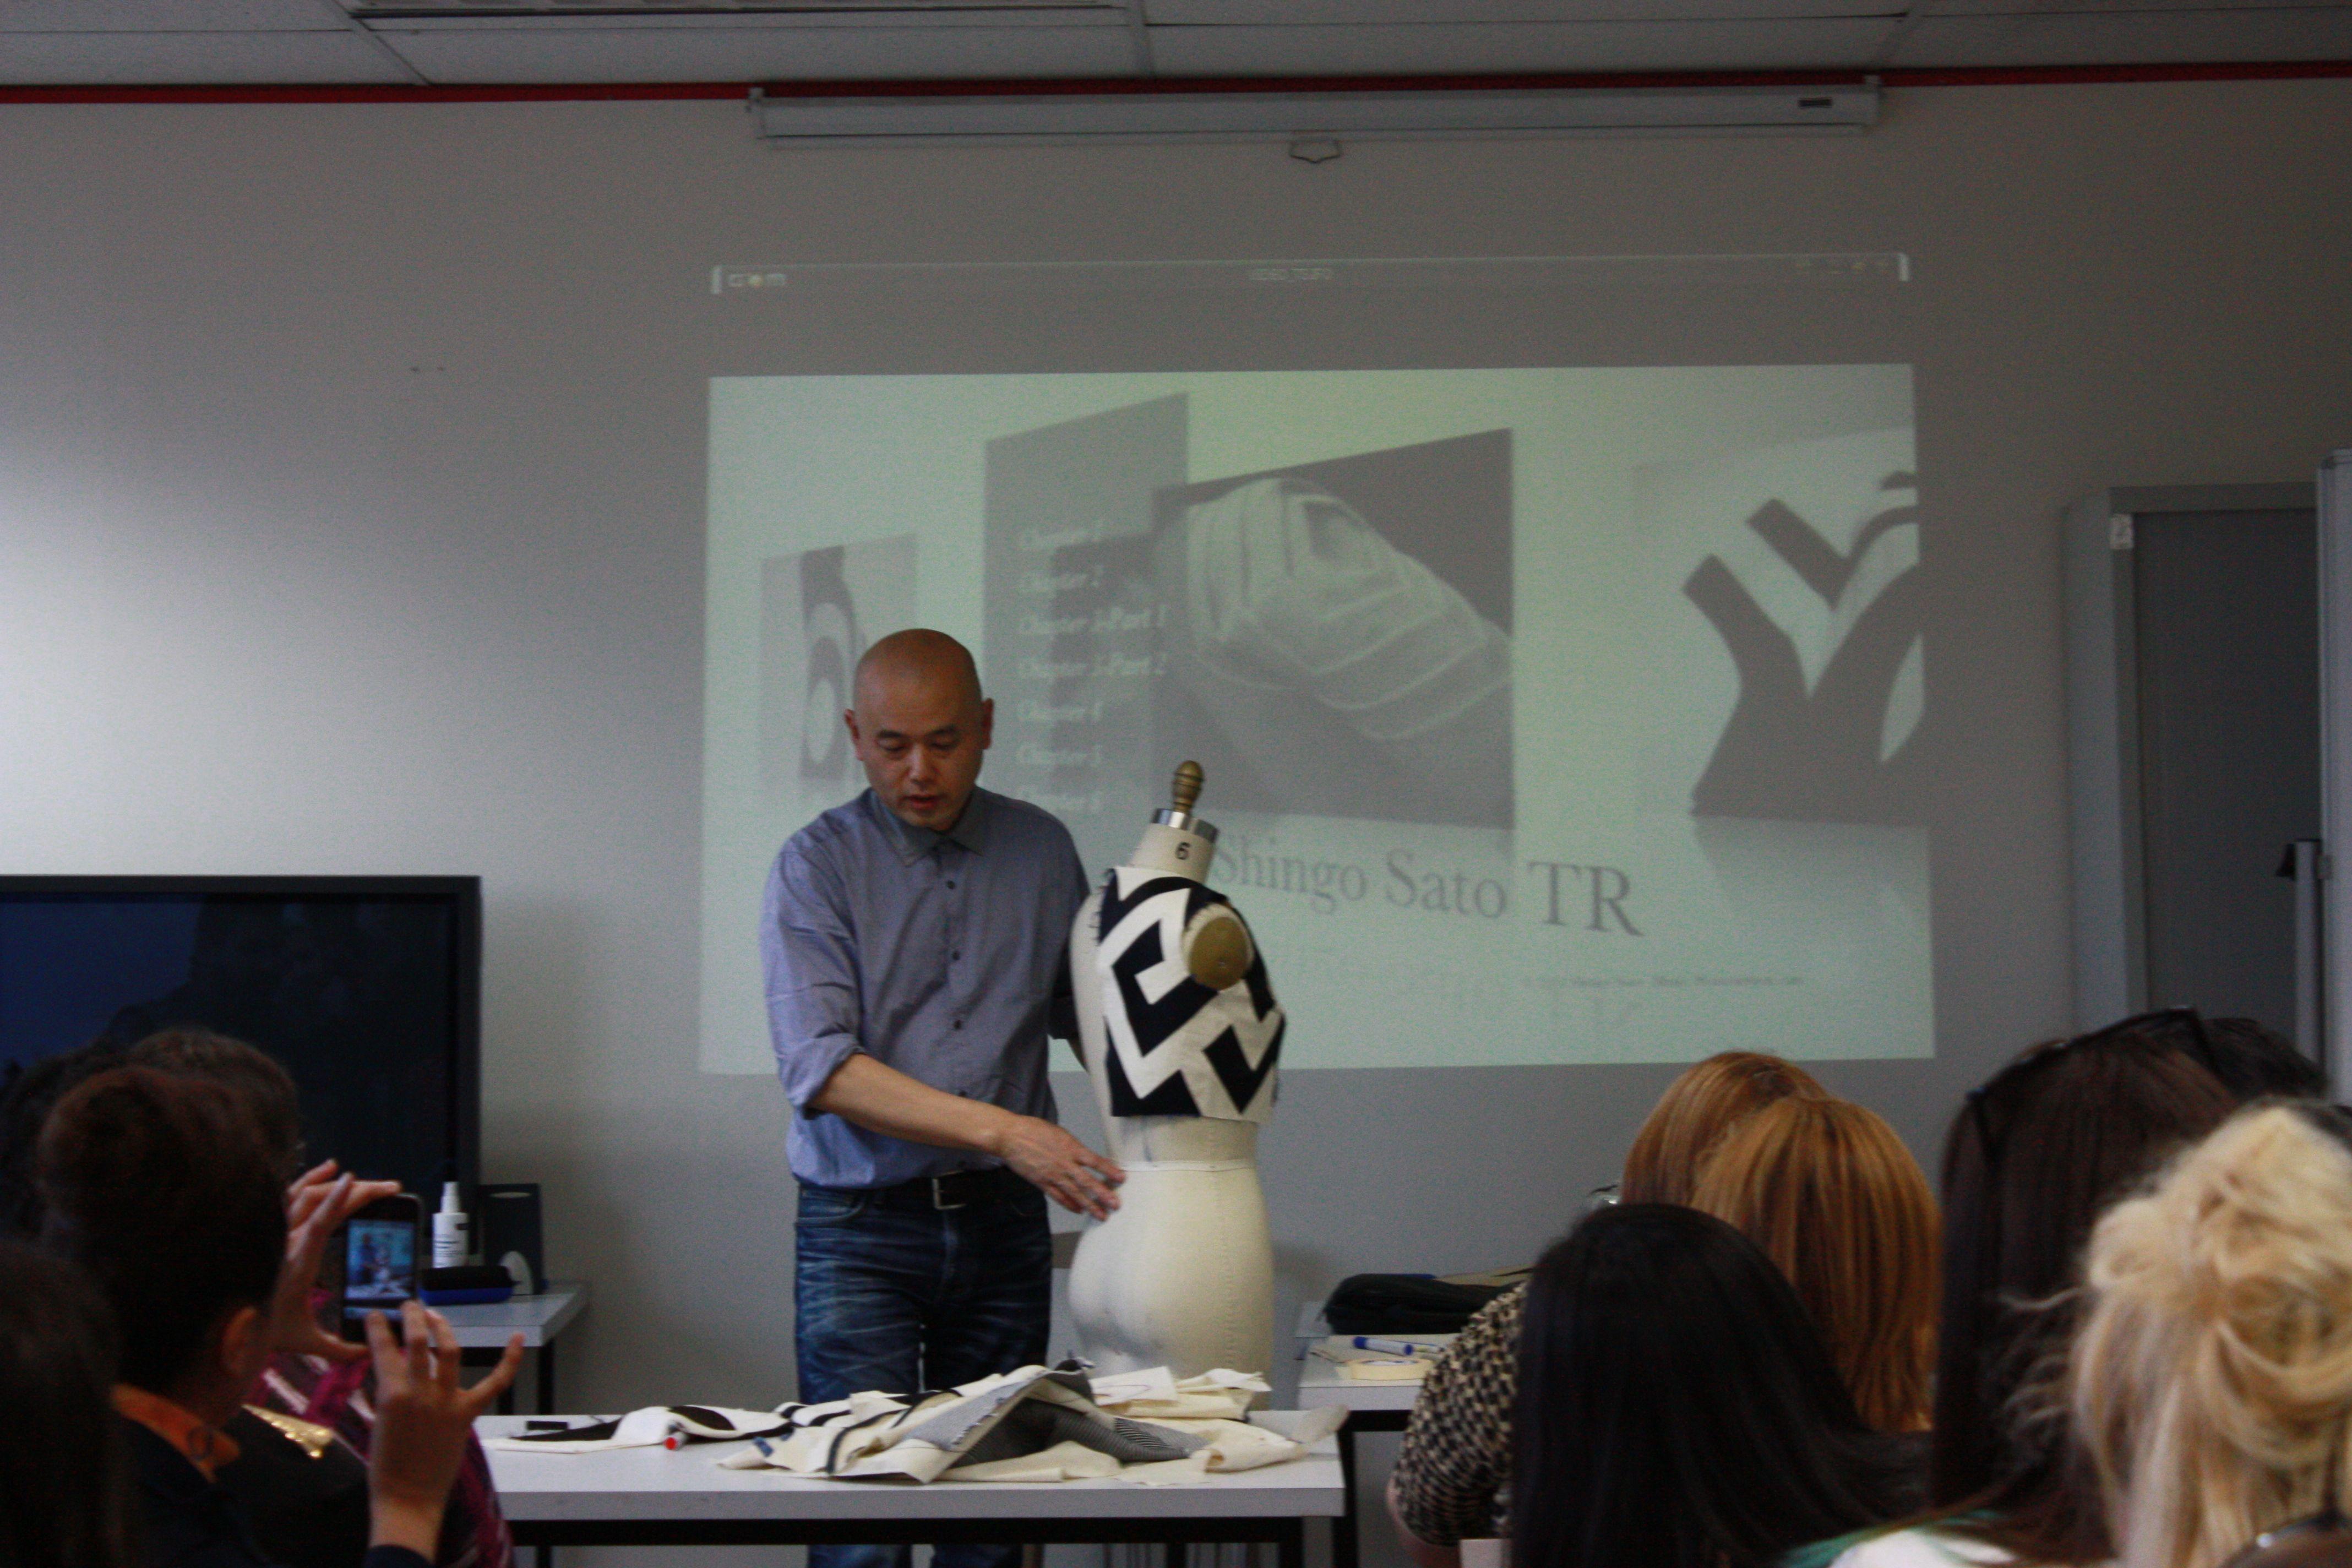 Melbourne School of Fashion - Shingo Sato Lecture